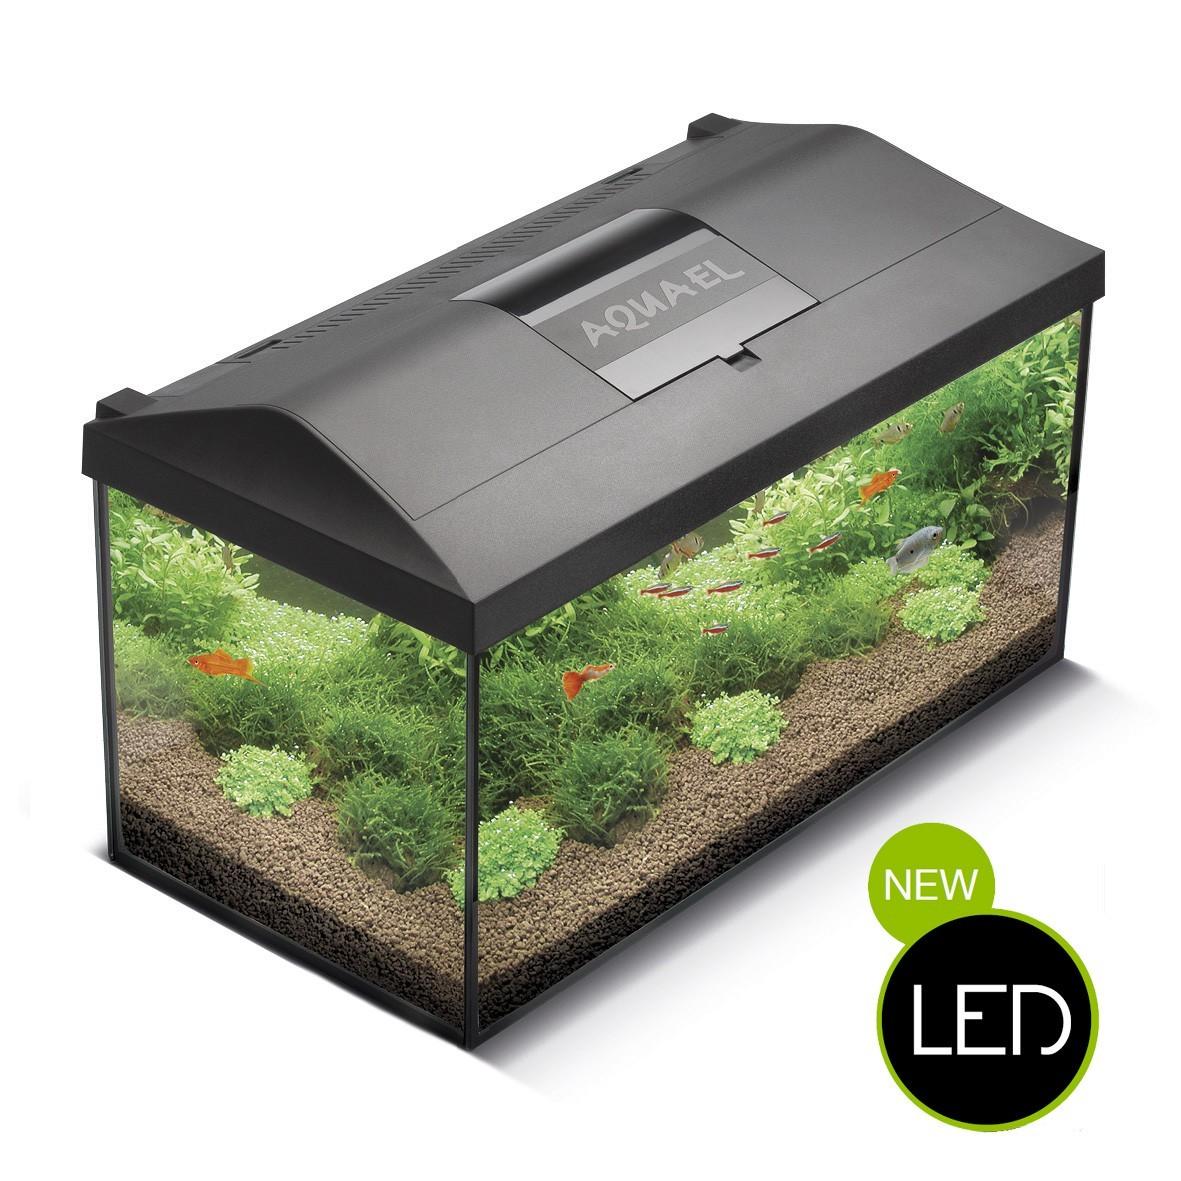 Relativ Aquael Leddy Aquarium Komplett-Set - LED Beleuchtung | Standard  GT99